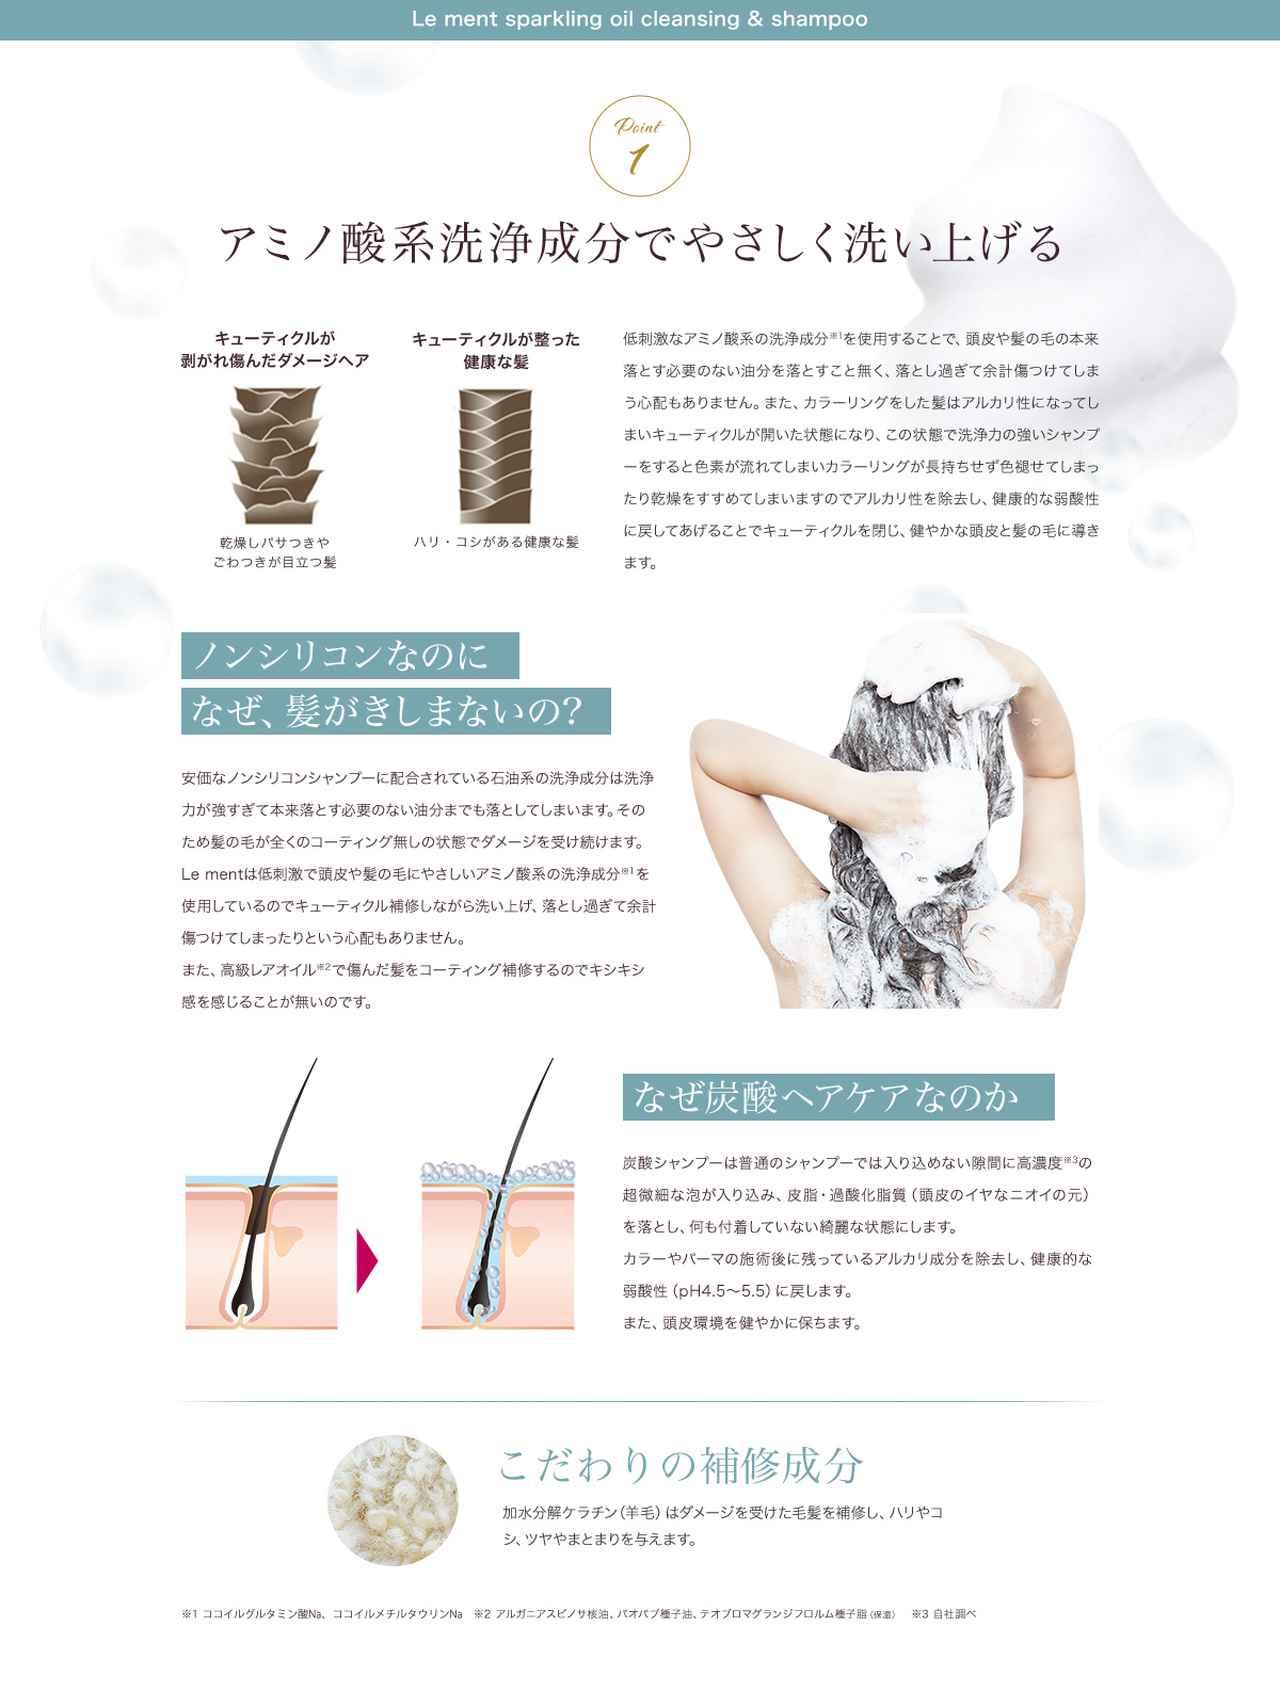 画像: 公式通販サイトcosmecollege(コスメカレッジ)